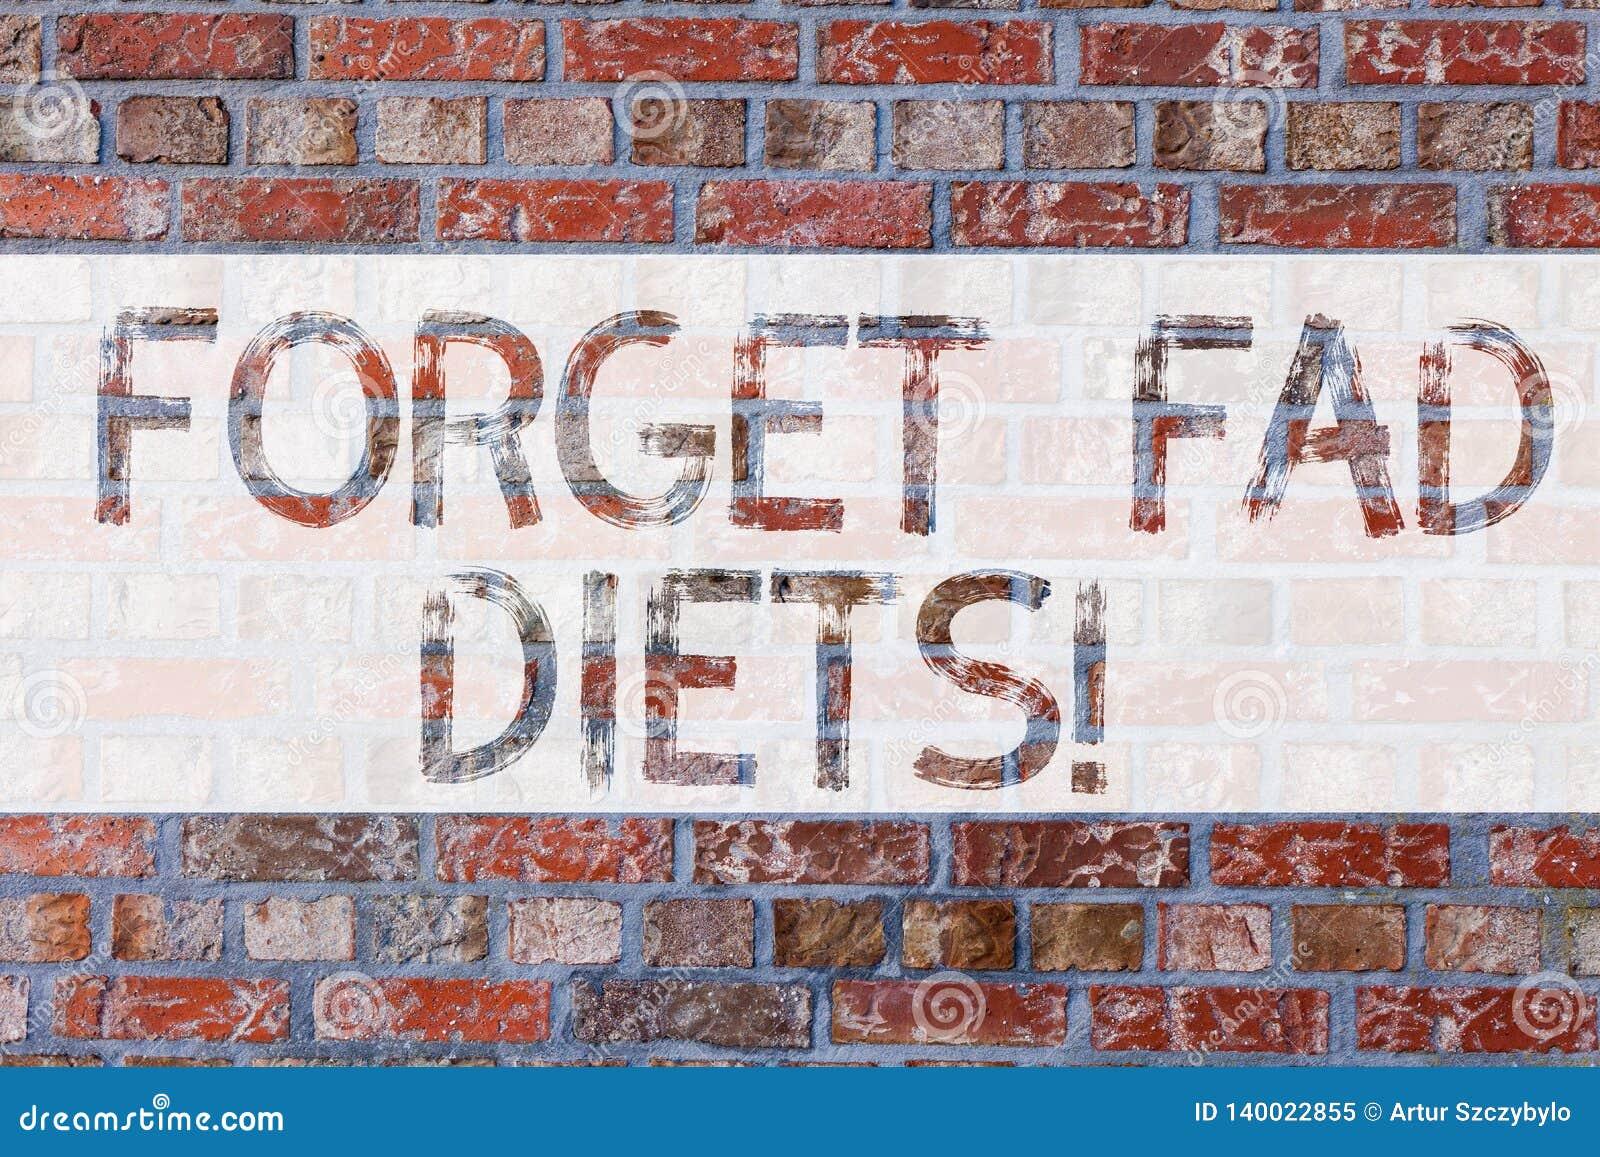 Запись текста почерка забывает диеты прихоти Концепция знача уменьшение калории фунтов падения должные нездоровые или потерю воды